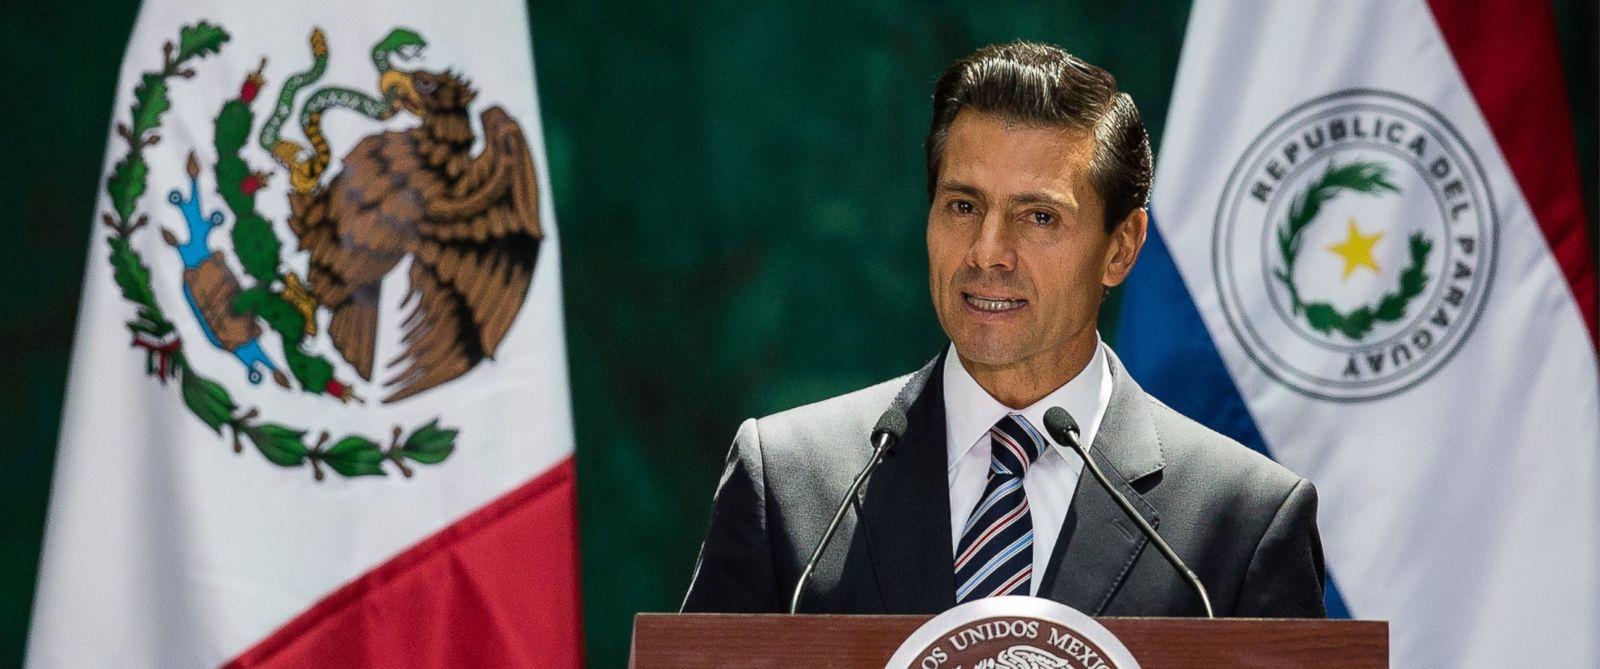 PHOTO: President of Mexico Enrique Pena Nieto hold a press conference after their meeting at Palacio Nacional in Mexico City, Mexico, Aug. 26, 2016.